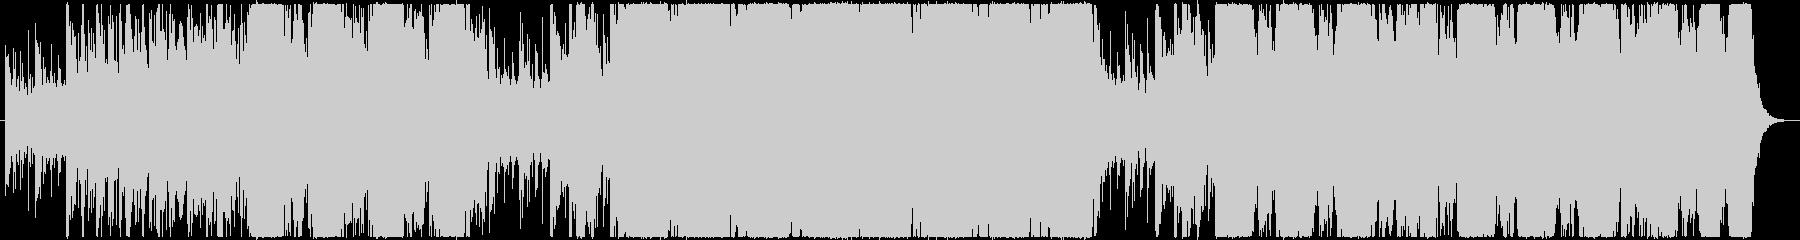 戦闘シーン用緊迫感あるBGMの未再生の波形